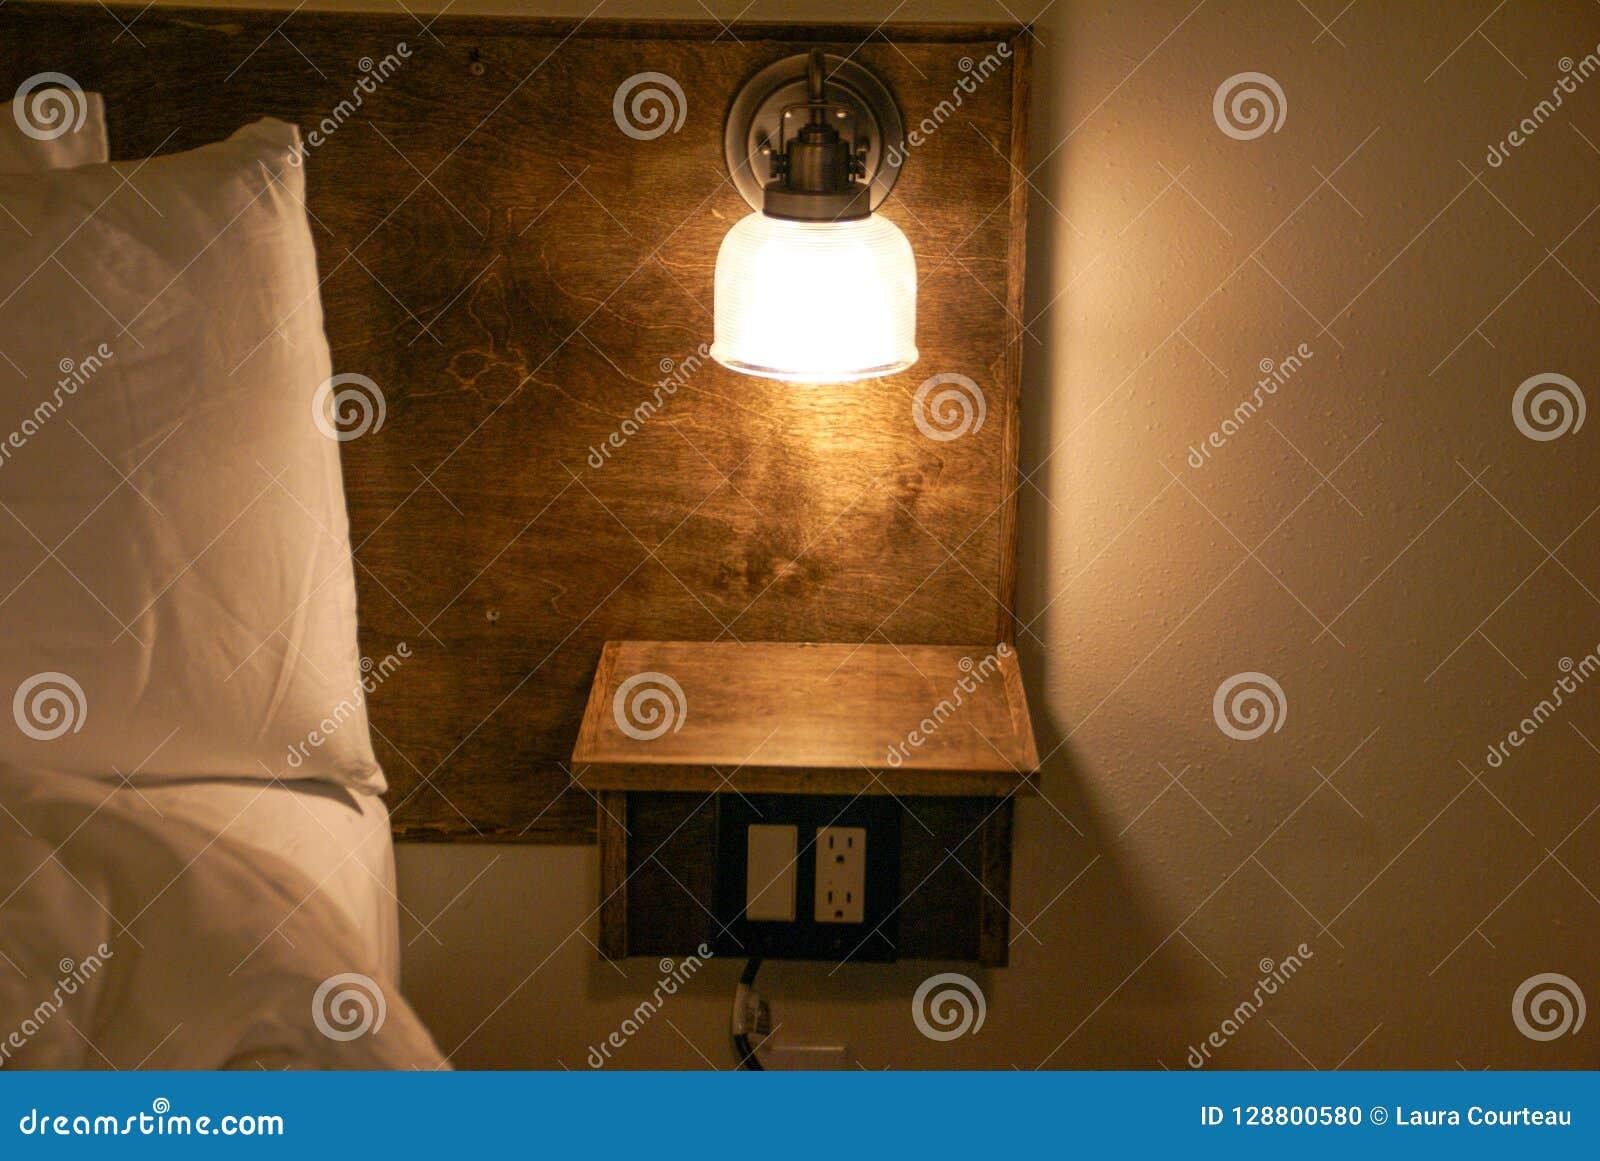 Lampe De Chevet Construite Dans Une Tete De Lit Avec Une Petite